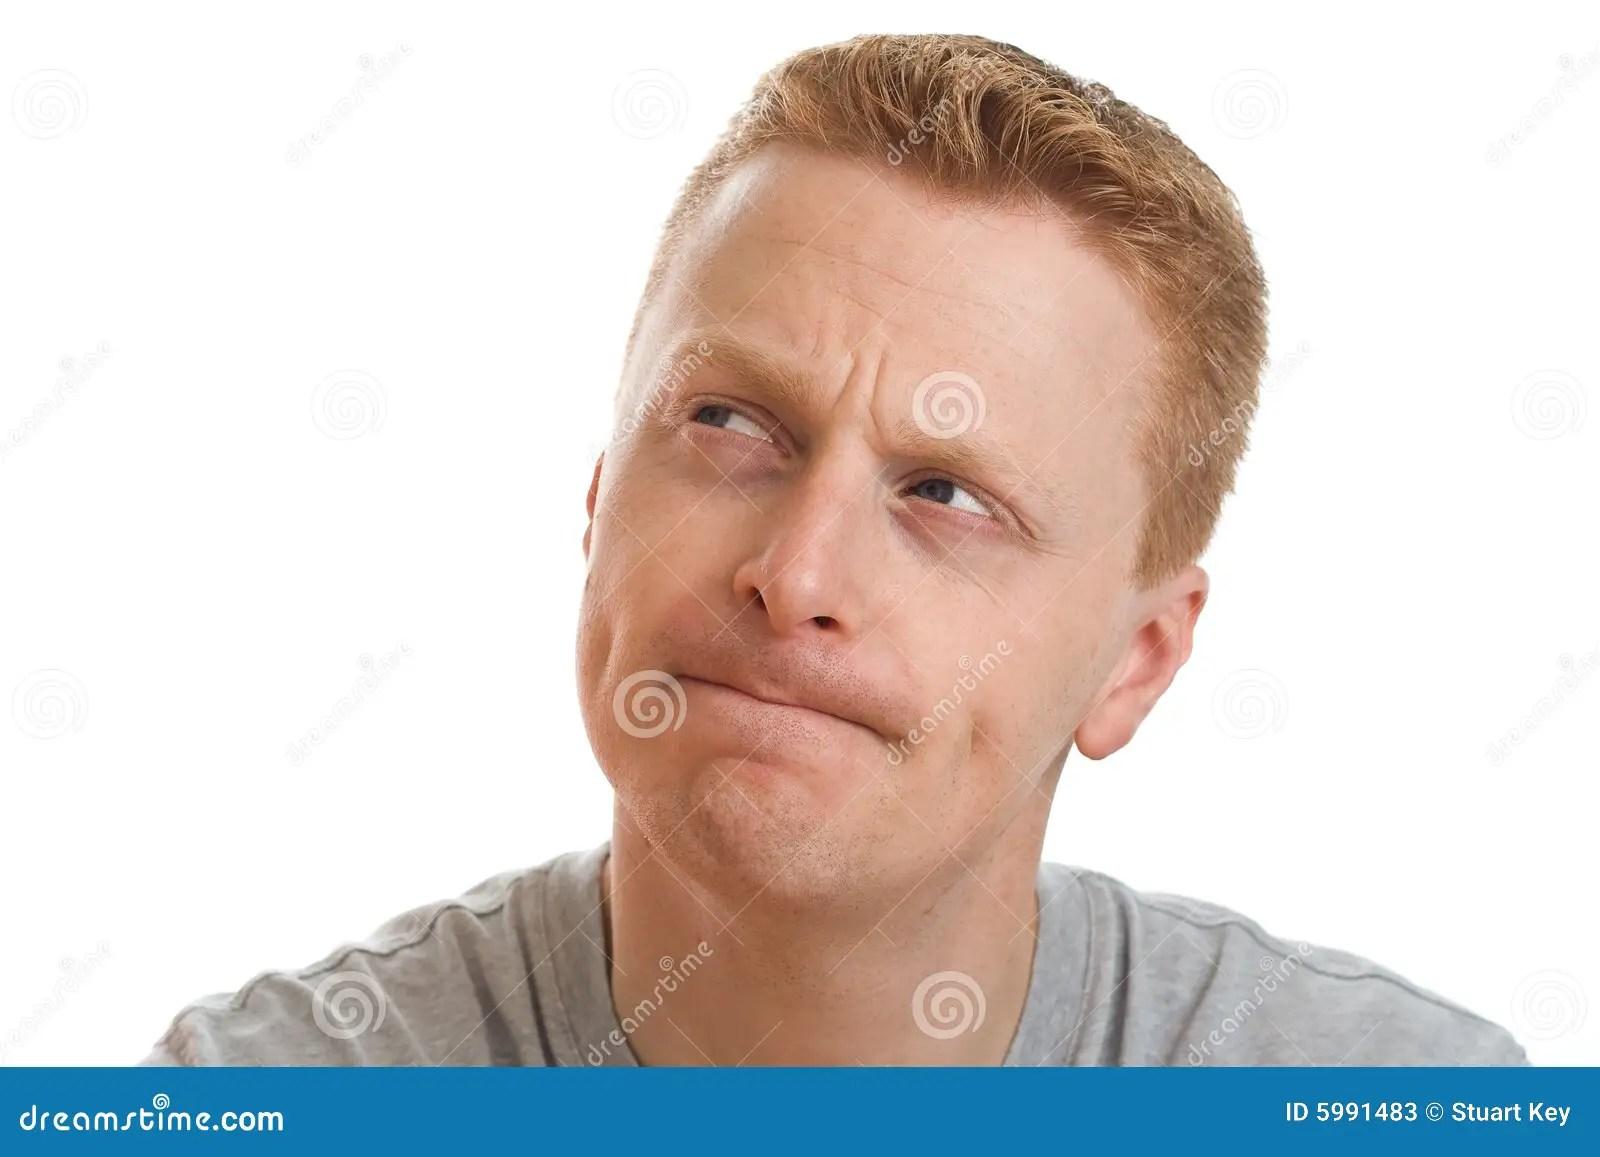 Thinking Carefully Stock Image Image Of Considering Head